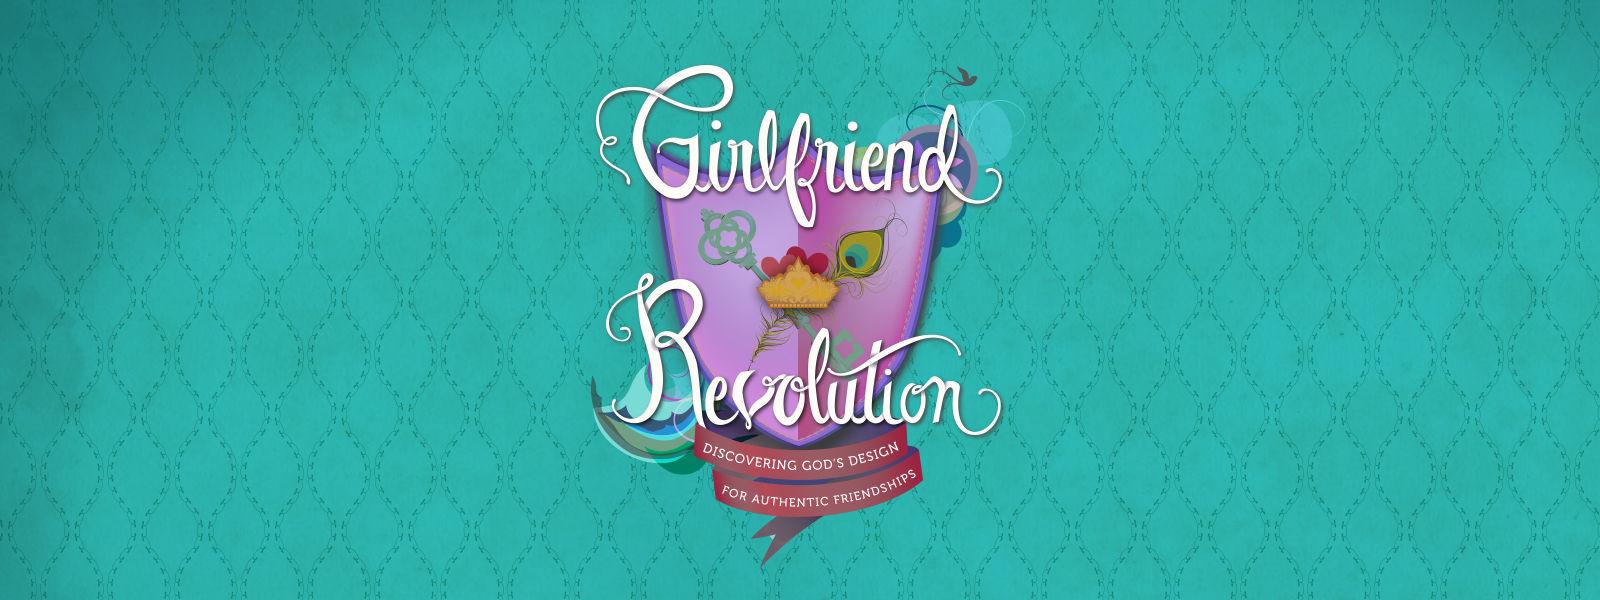 Girlfriend Revolution